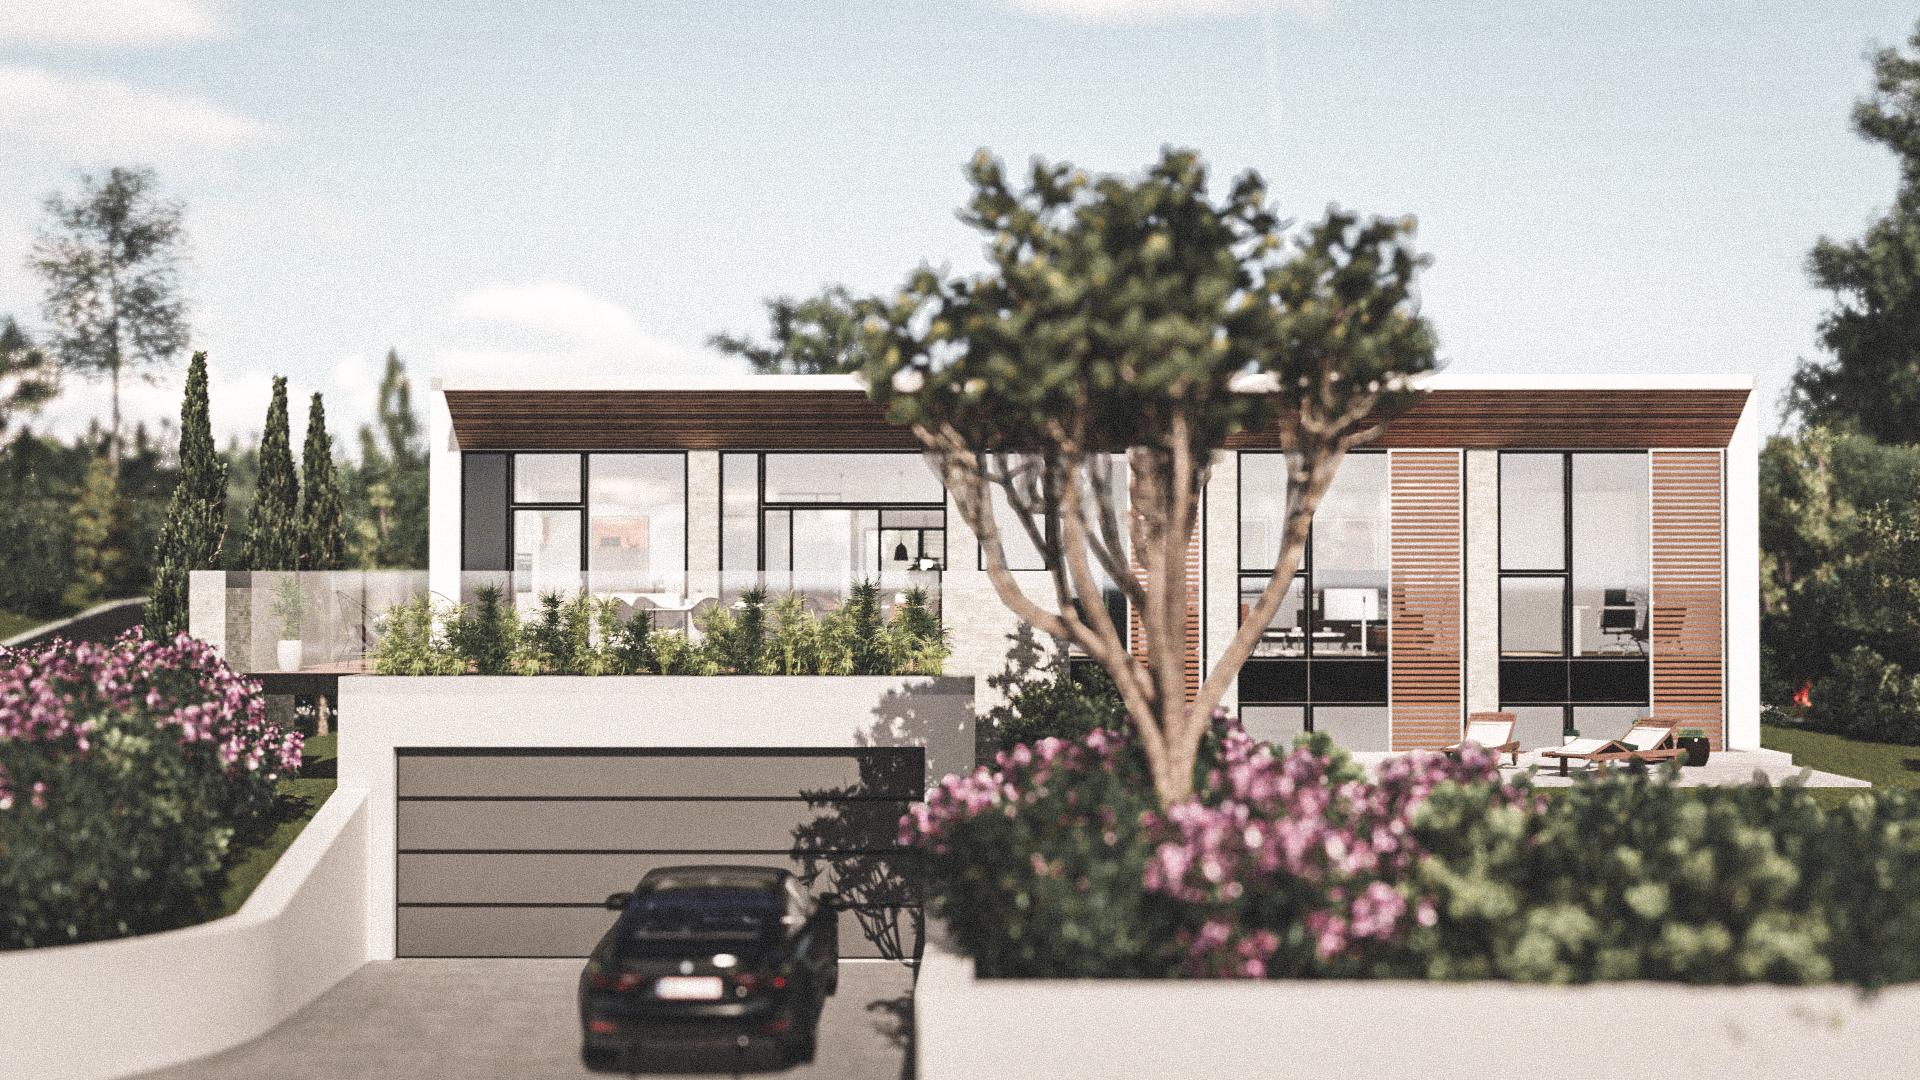 Billede af Dansk arkitekttegnet parterreplan villa af arkitektfirmaet m2plus, i Rungsted Kyst på 259 kvartratmeter.